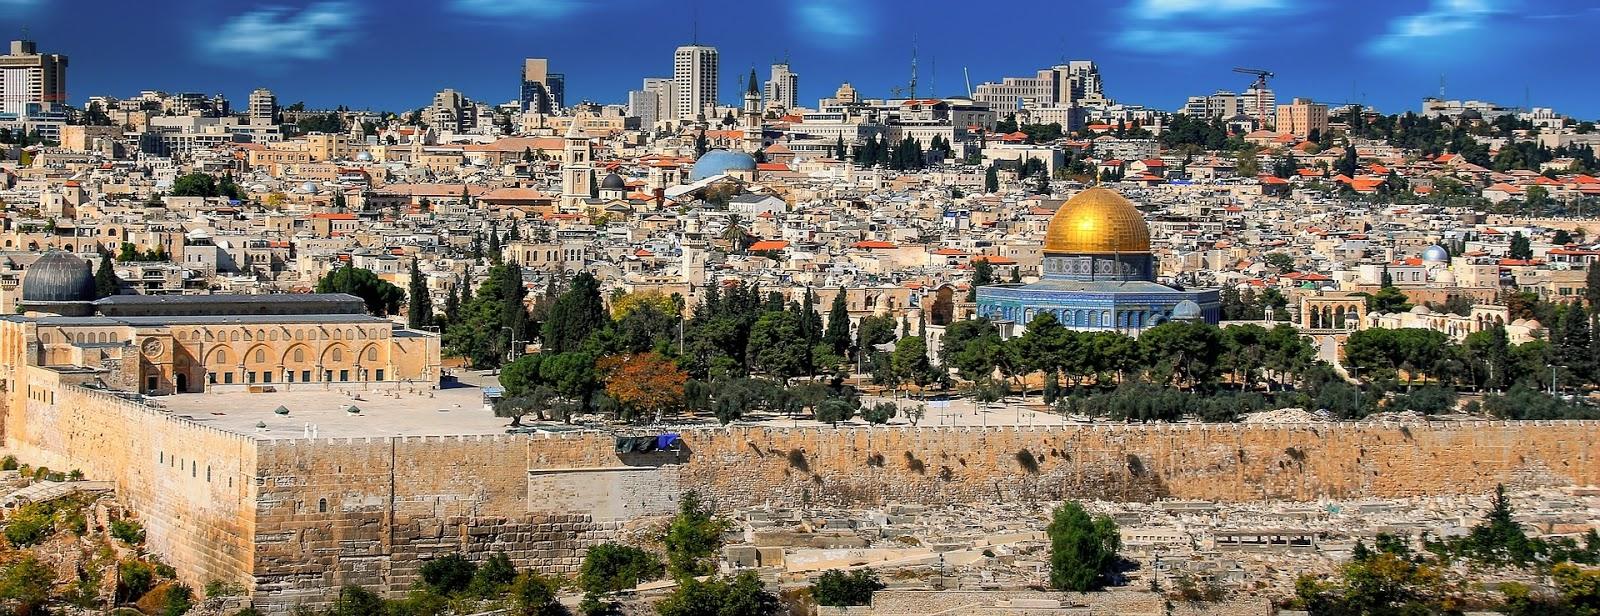 Conflitos no Oriente Médio: entenda tudo sobre o assunto nesse artigo completo!